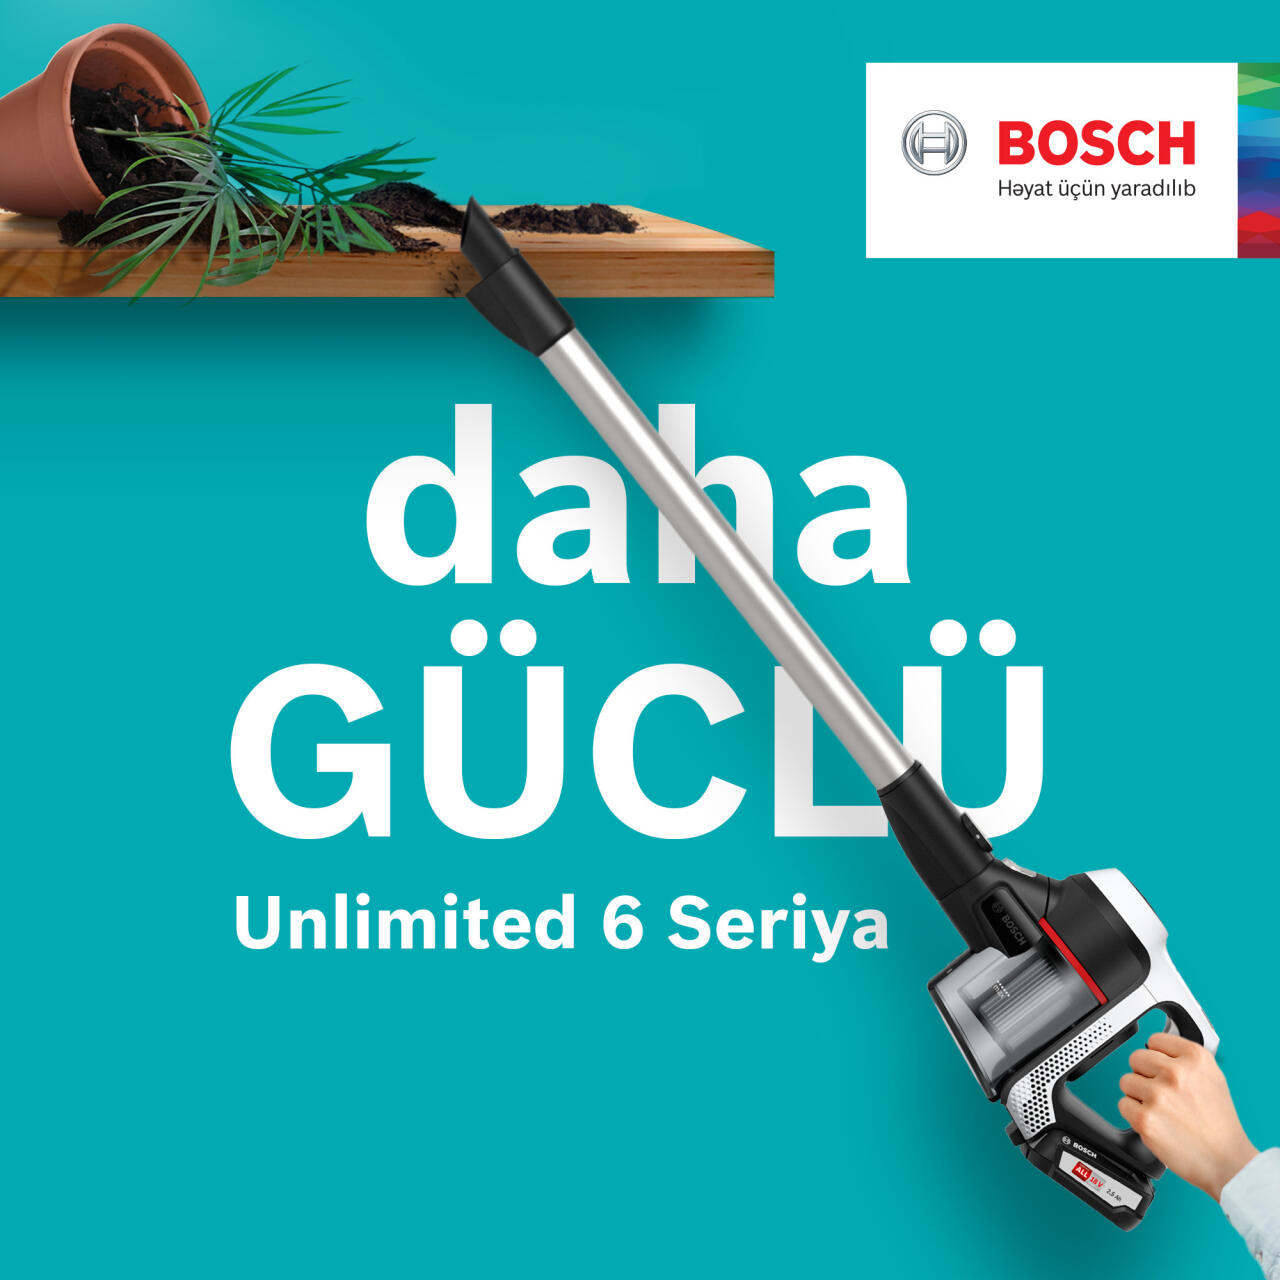 Bosch bütün zamanların ən çevik tozsoranını təqdim edir